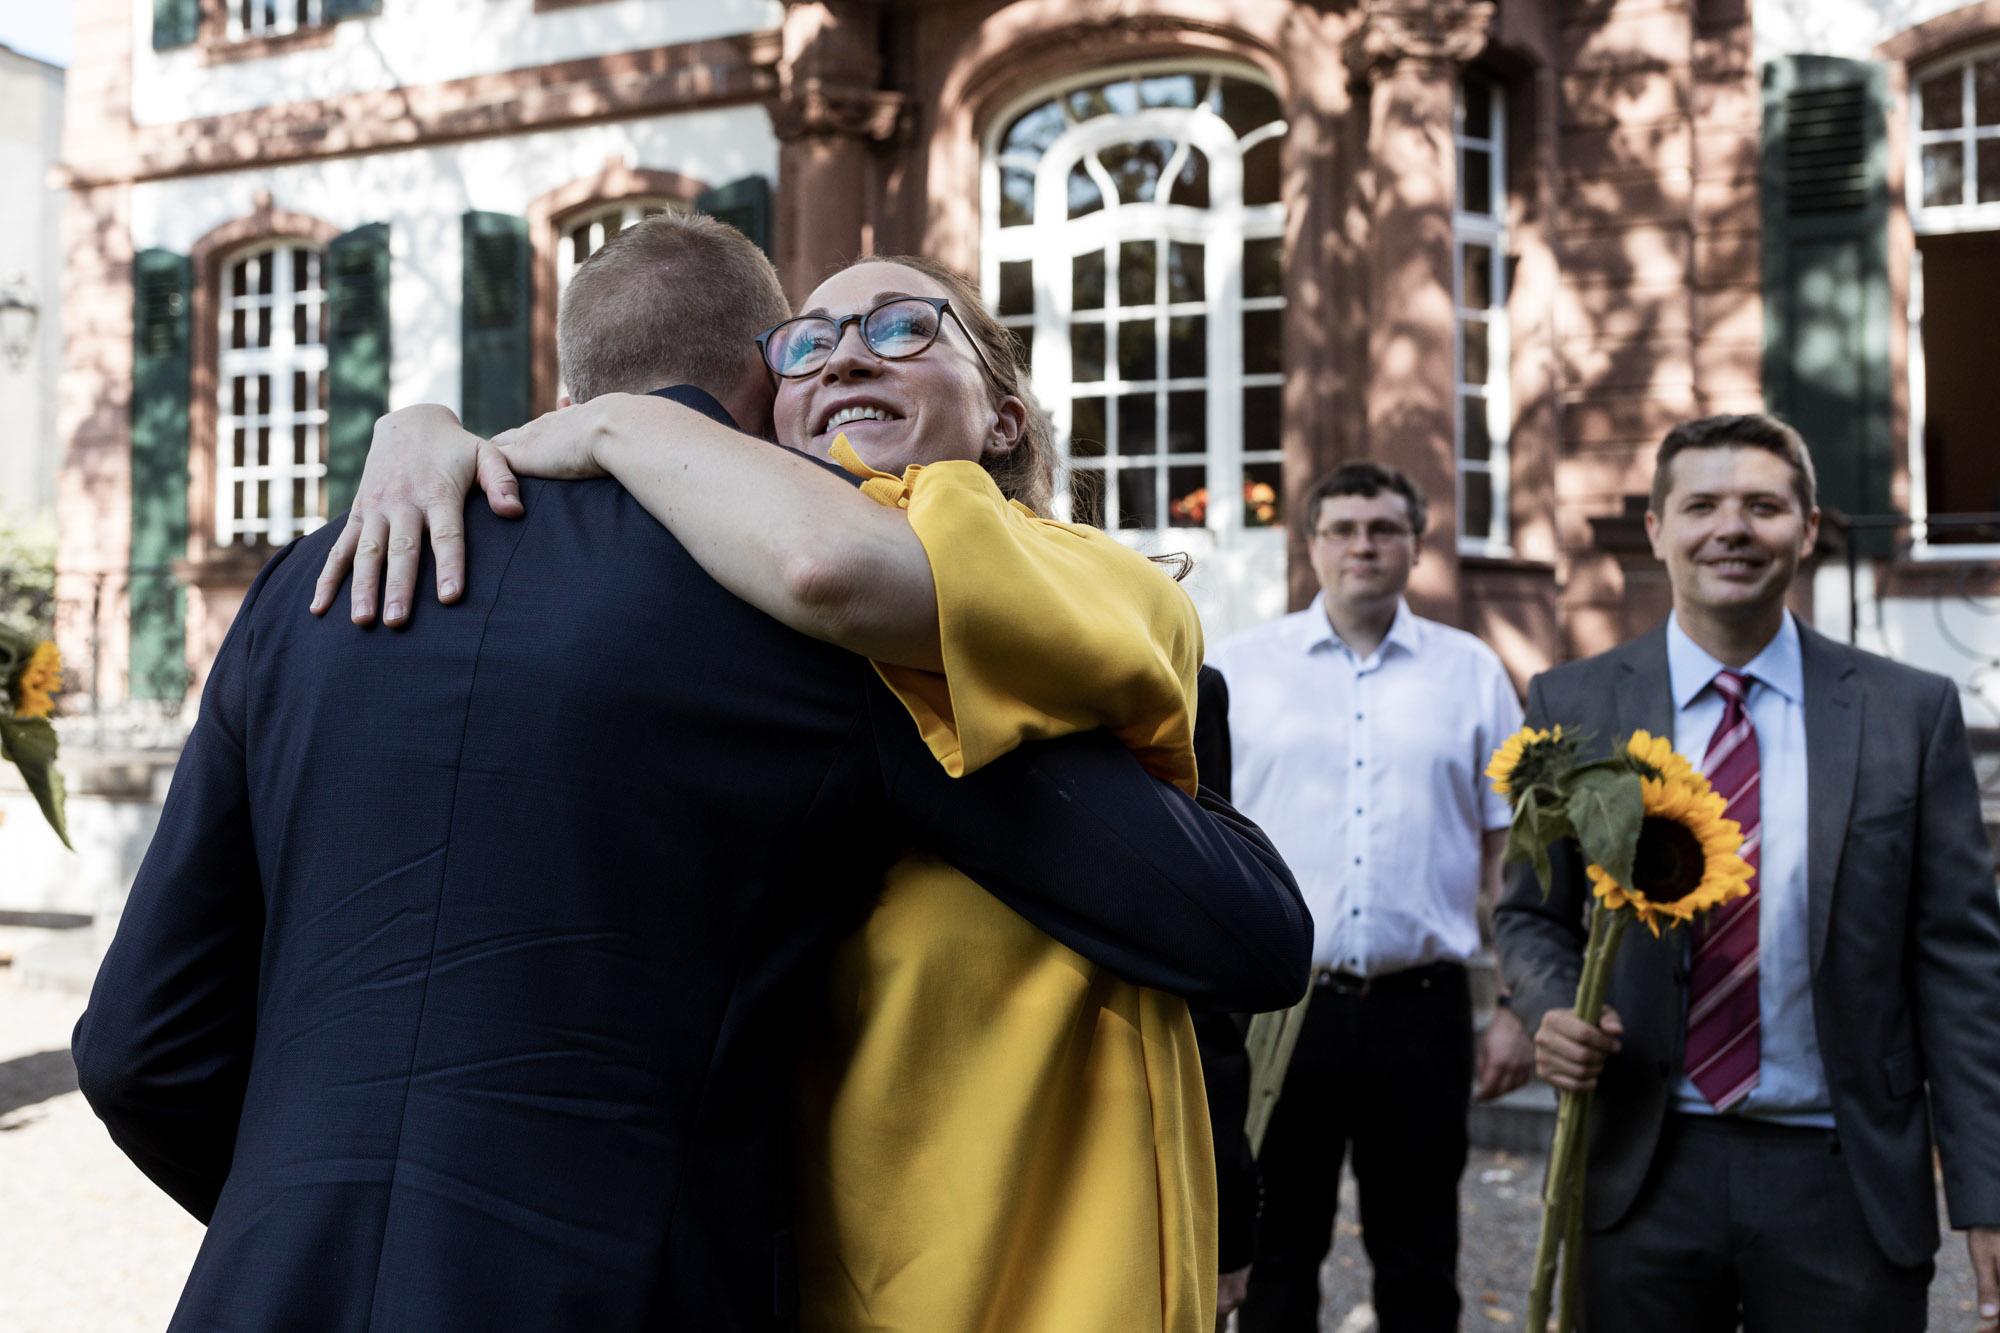 Gratulationen nach der Trauung - Hochzeitsfotografen Basel